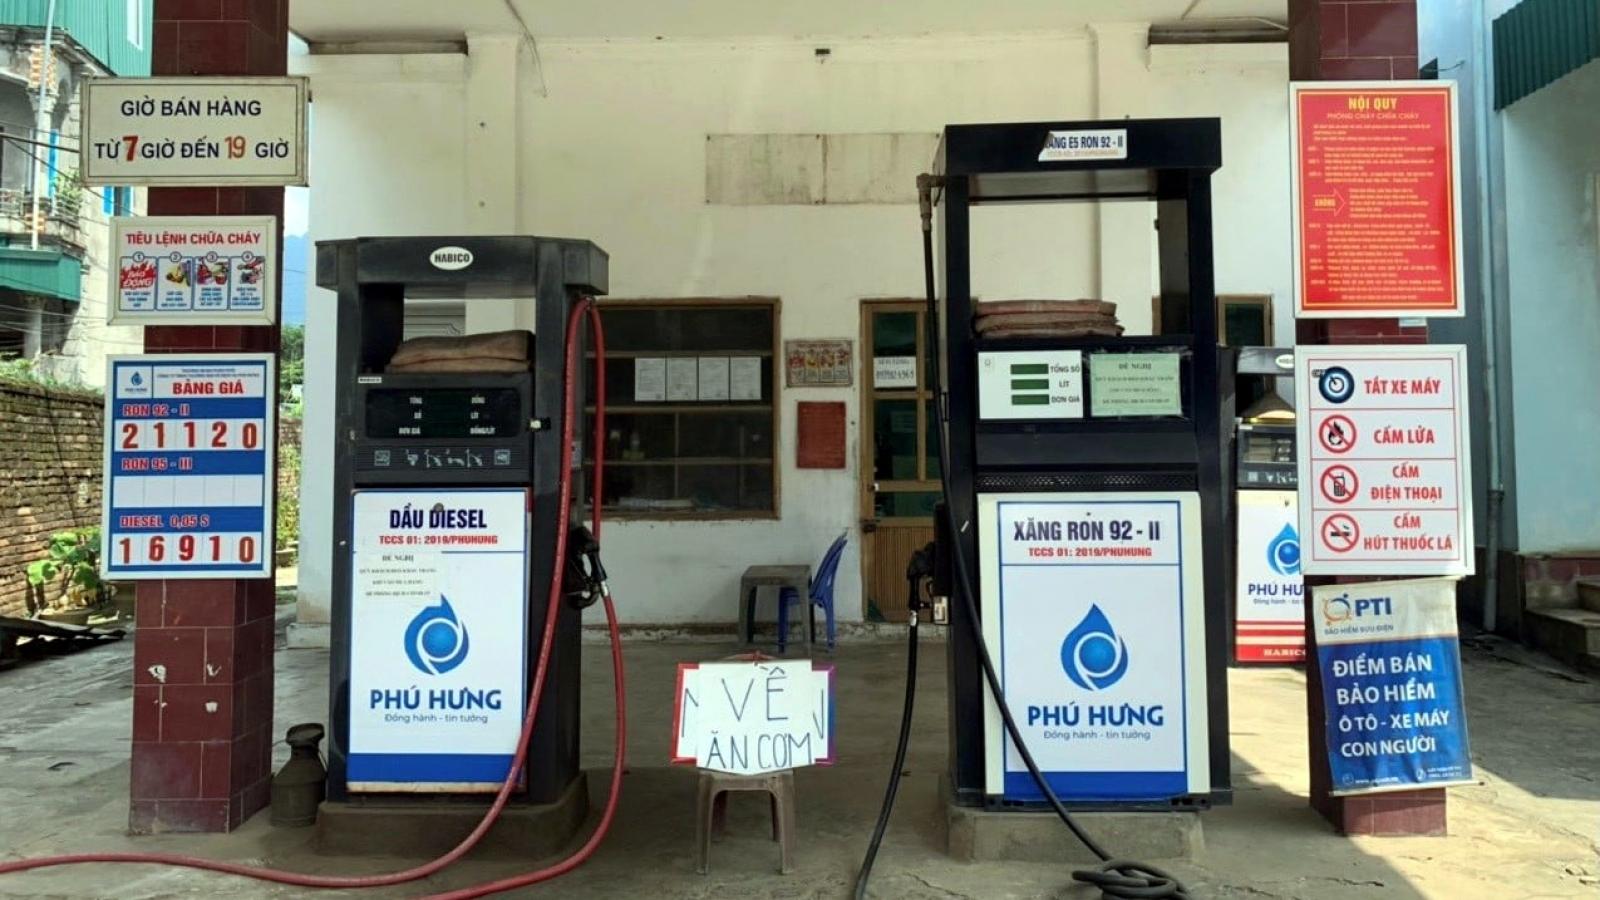 """Cửa hàng xăng dầu bị phạt 10 triệu đồng vì đặt biển """"về ăn cơm"""""""